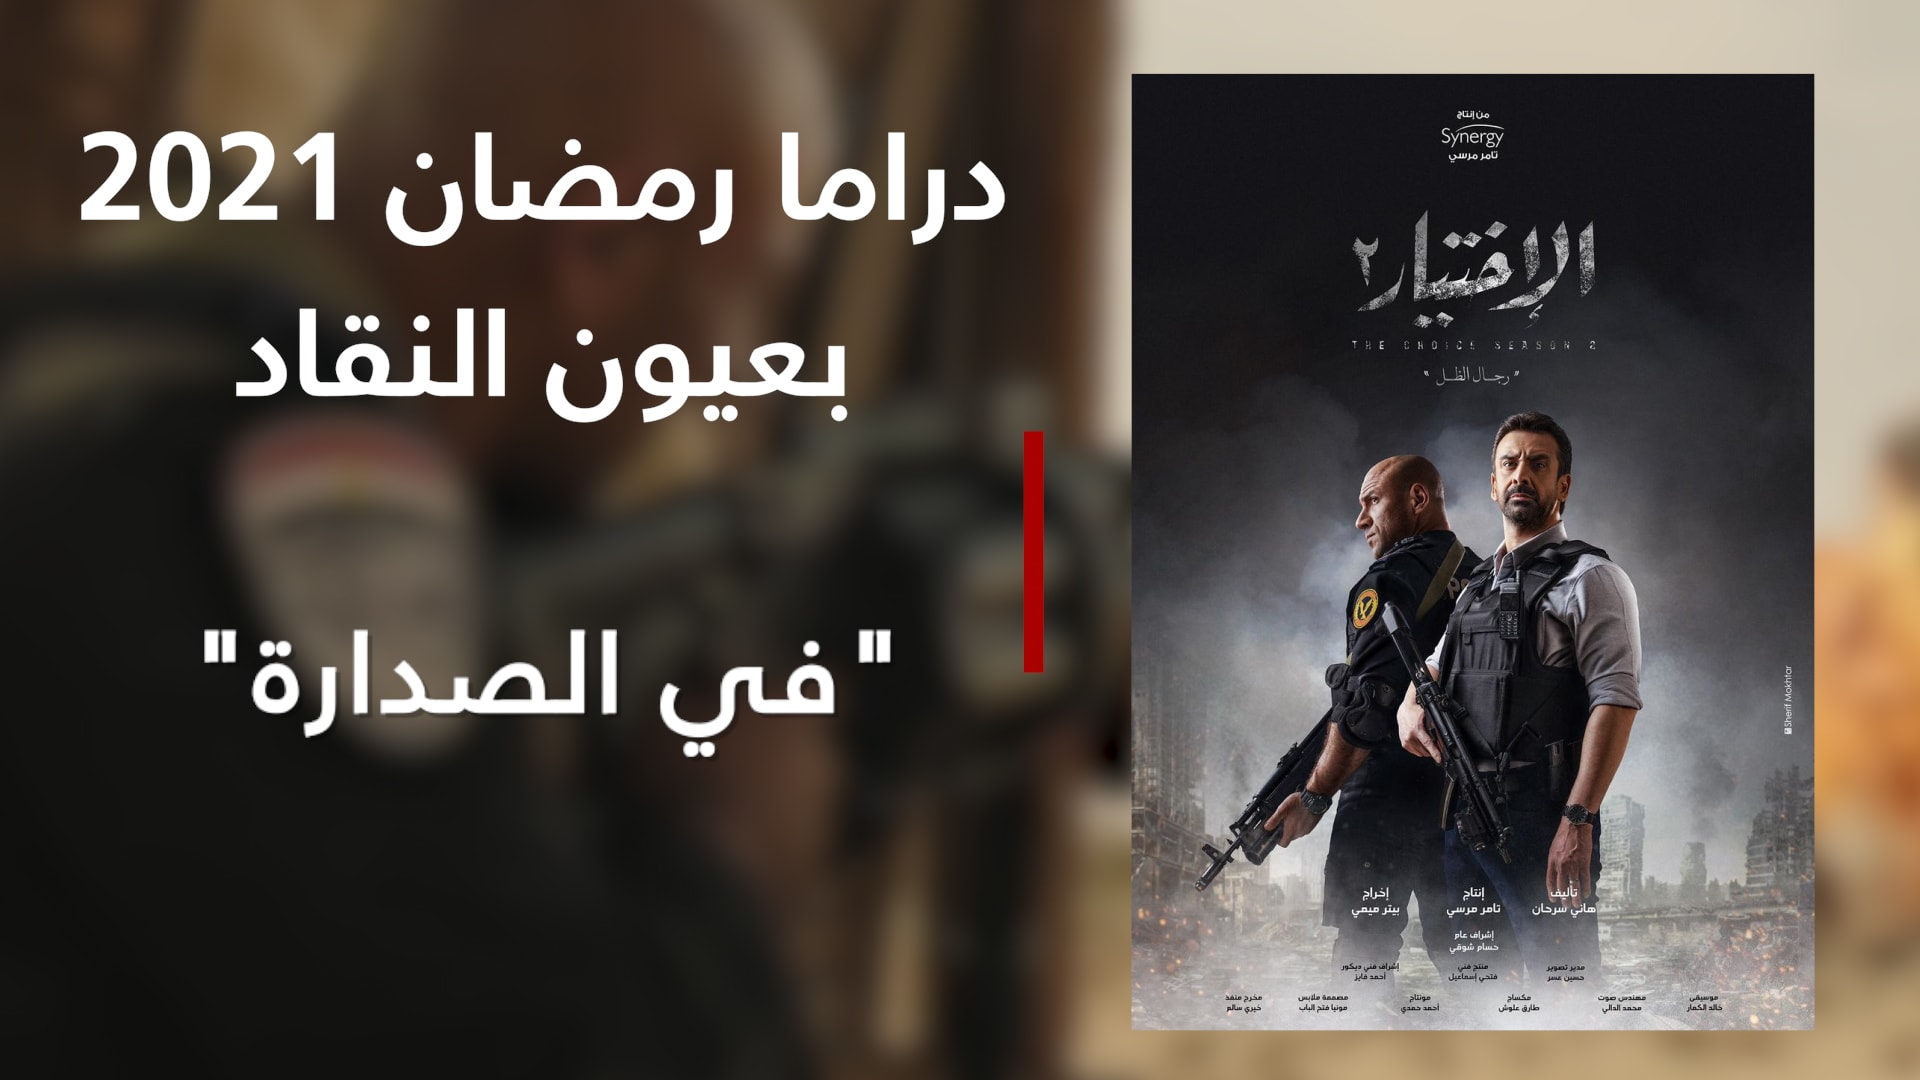 """""""الاختيار2"""" في الصدارة وانسحاب من مشاهدة """"موسى"""".. دراما رمضان 2021 بعيون النقاد"""